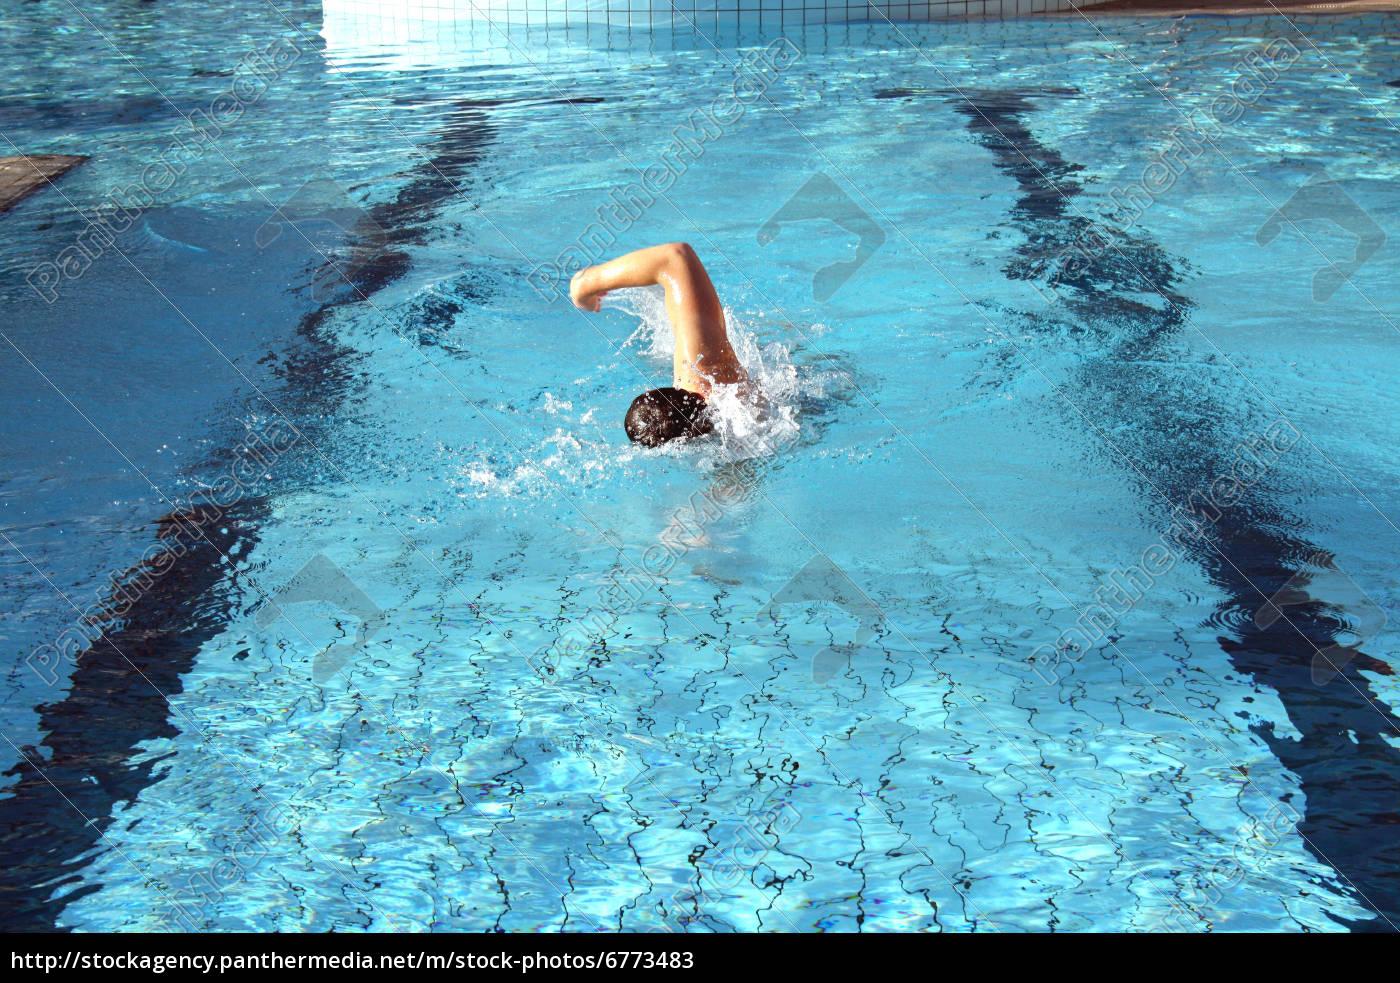 Простые фото мужчин в бассейне, Правда или фейк? Мужчины голые, женщины в купальниках 16 фотография